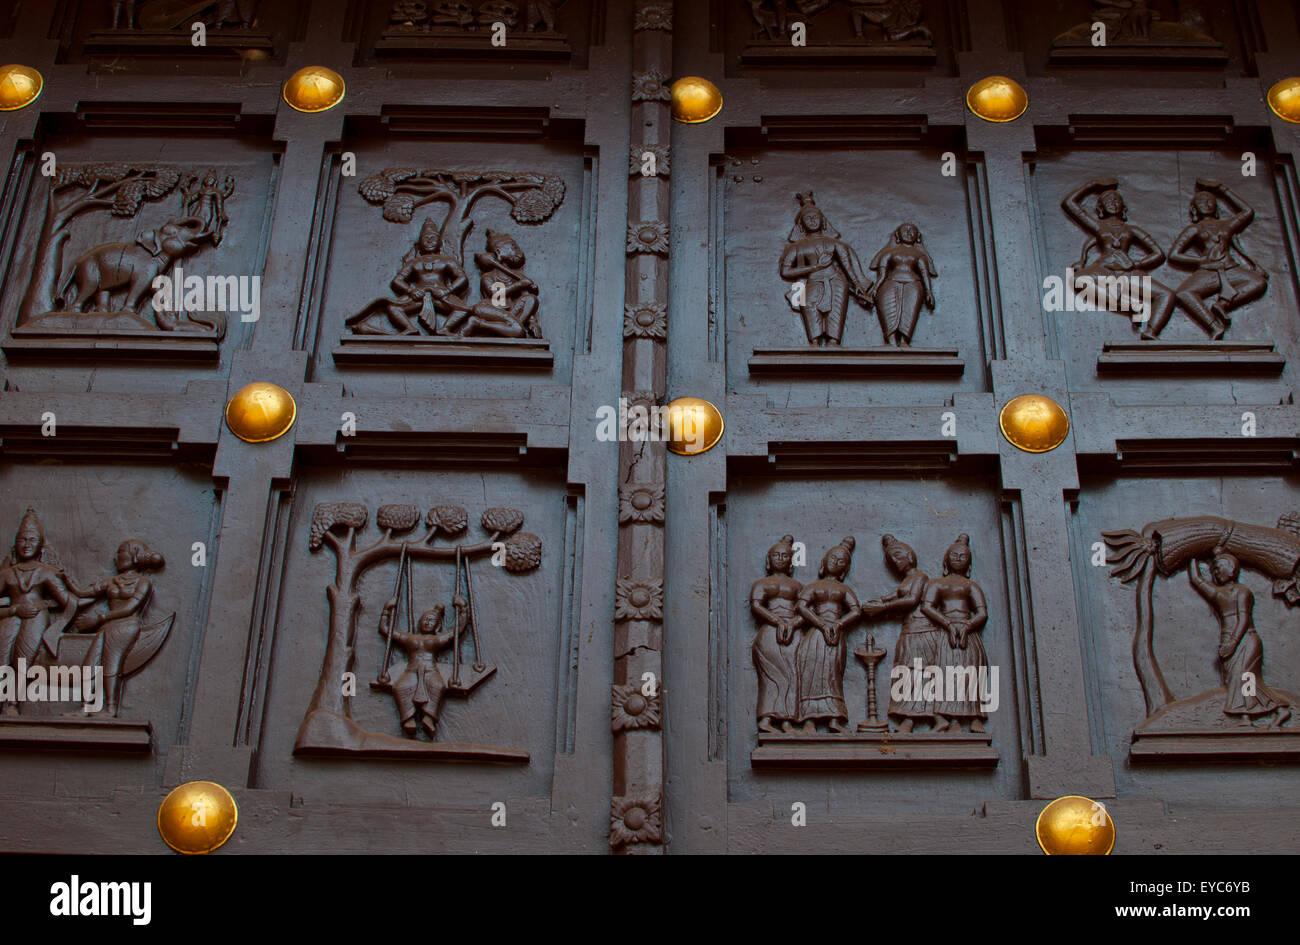 Wooden temple door stock photos & wooden temple door stock images